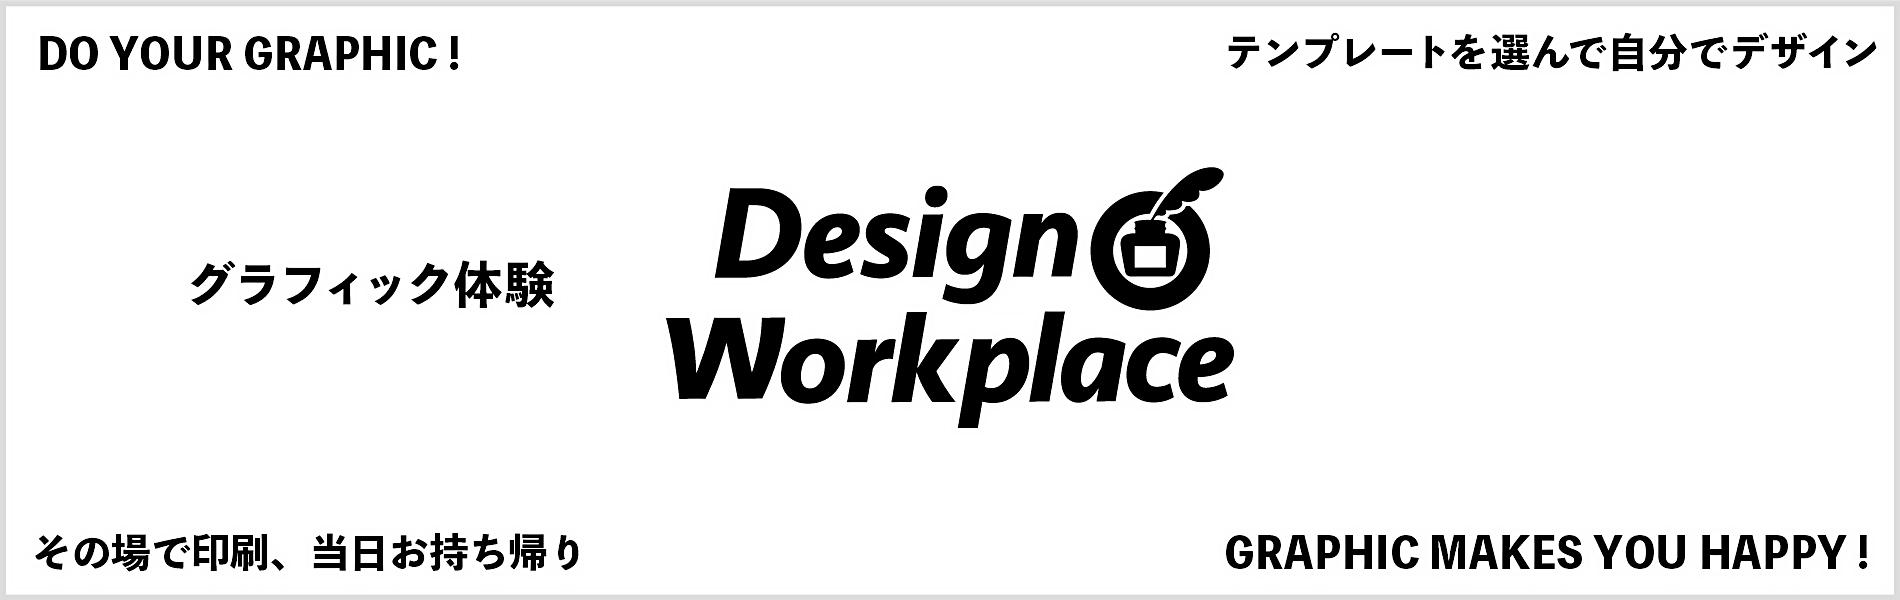 グラフィック,デザイン,体験,教室,ワークショップ